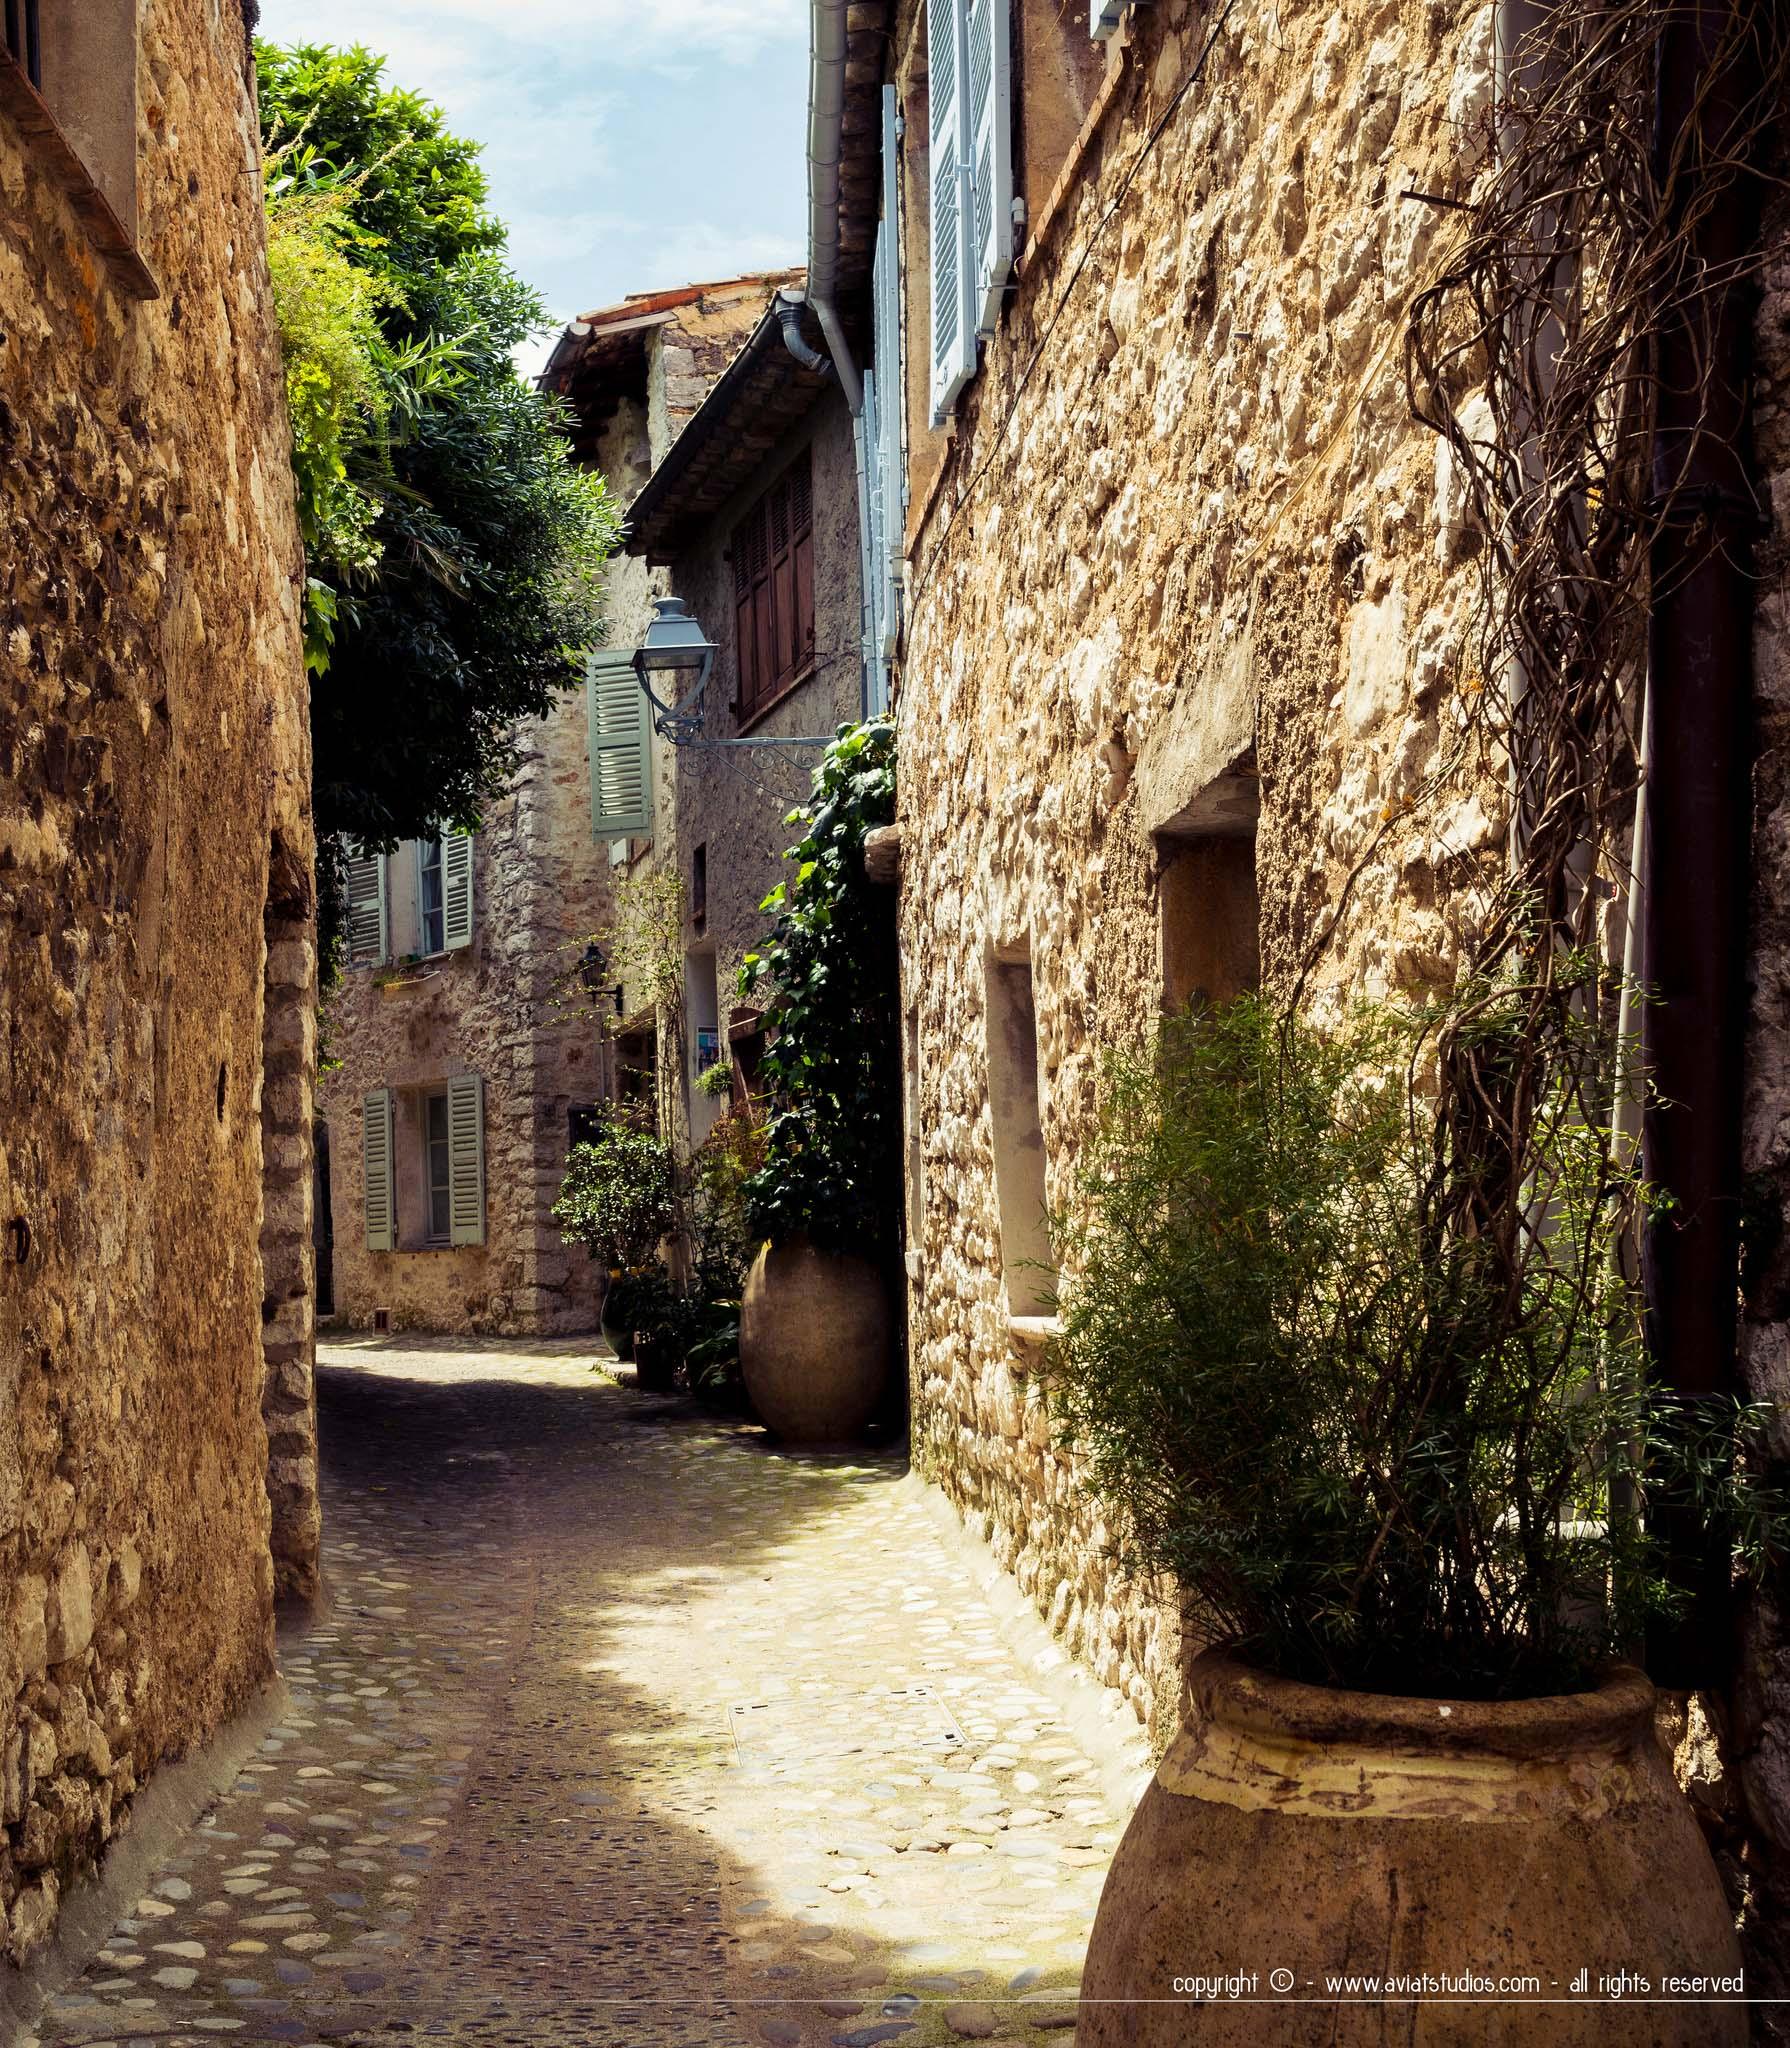 Saint-Paul-de-Vence - une rue déserte avec des murs en pierre jaune et du soleil